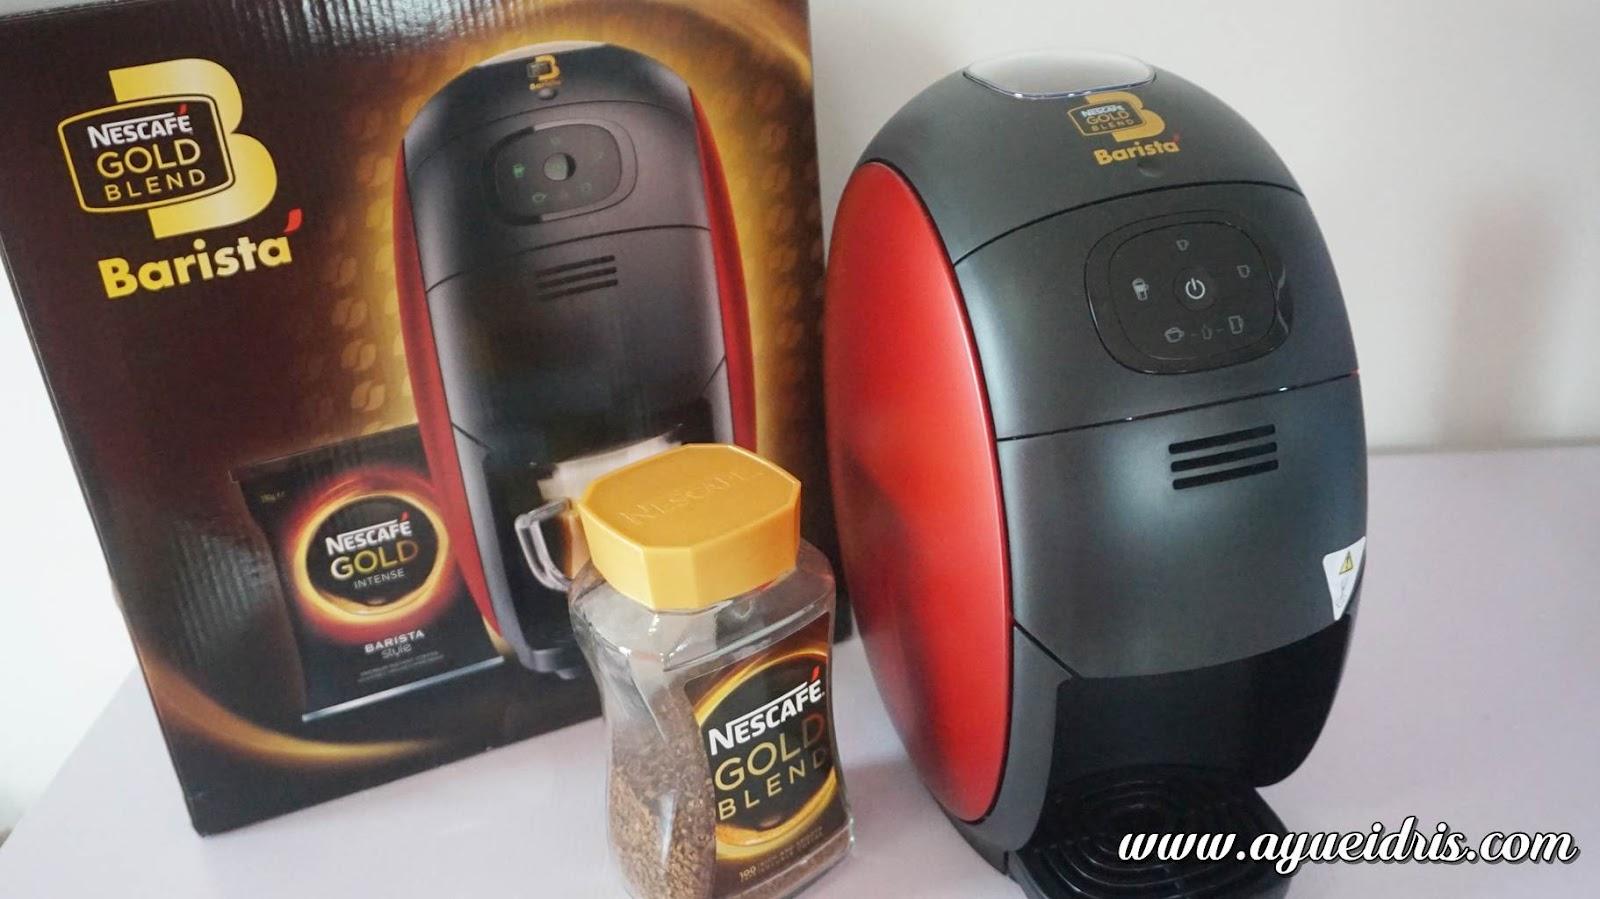 Nescafe Gold Barista Coffee Machine cara guna harga (12).JPG